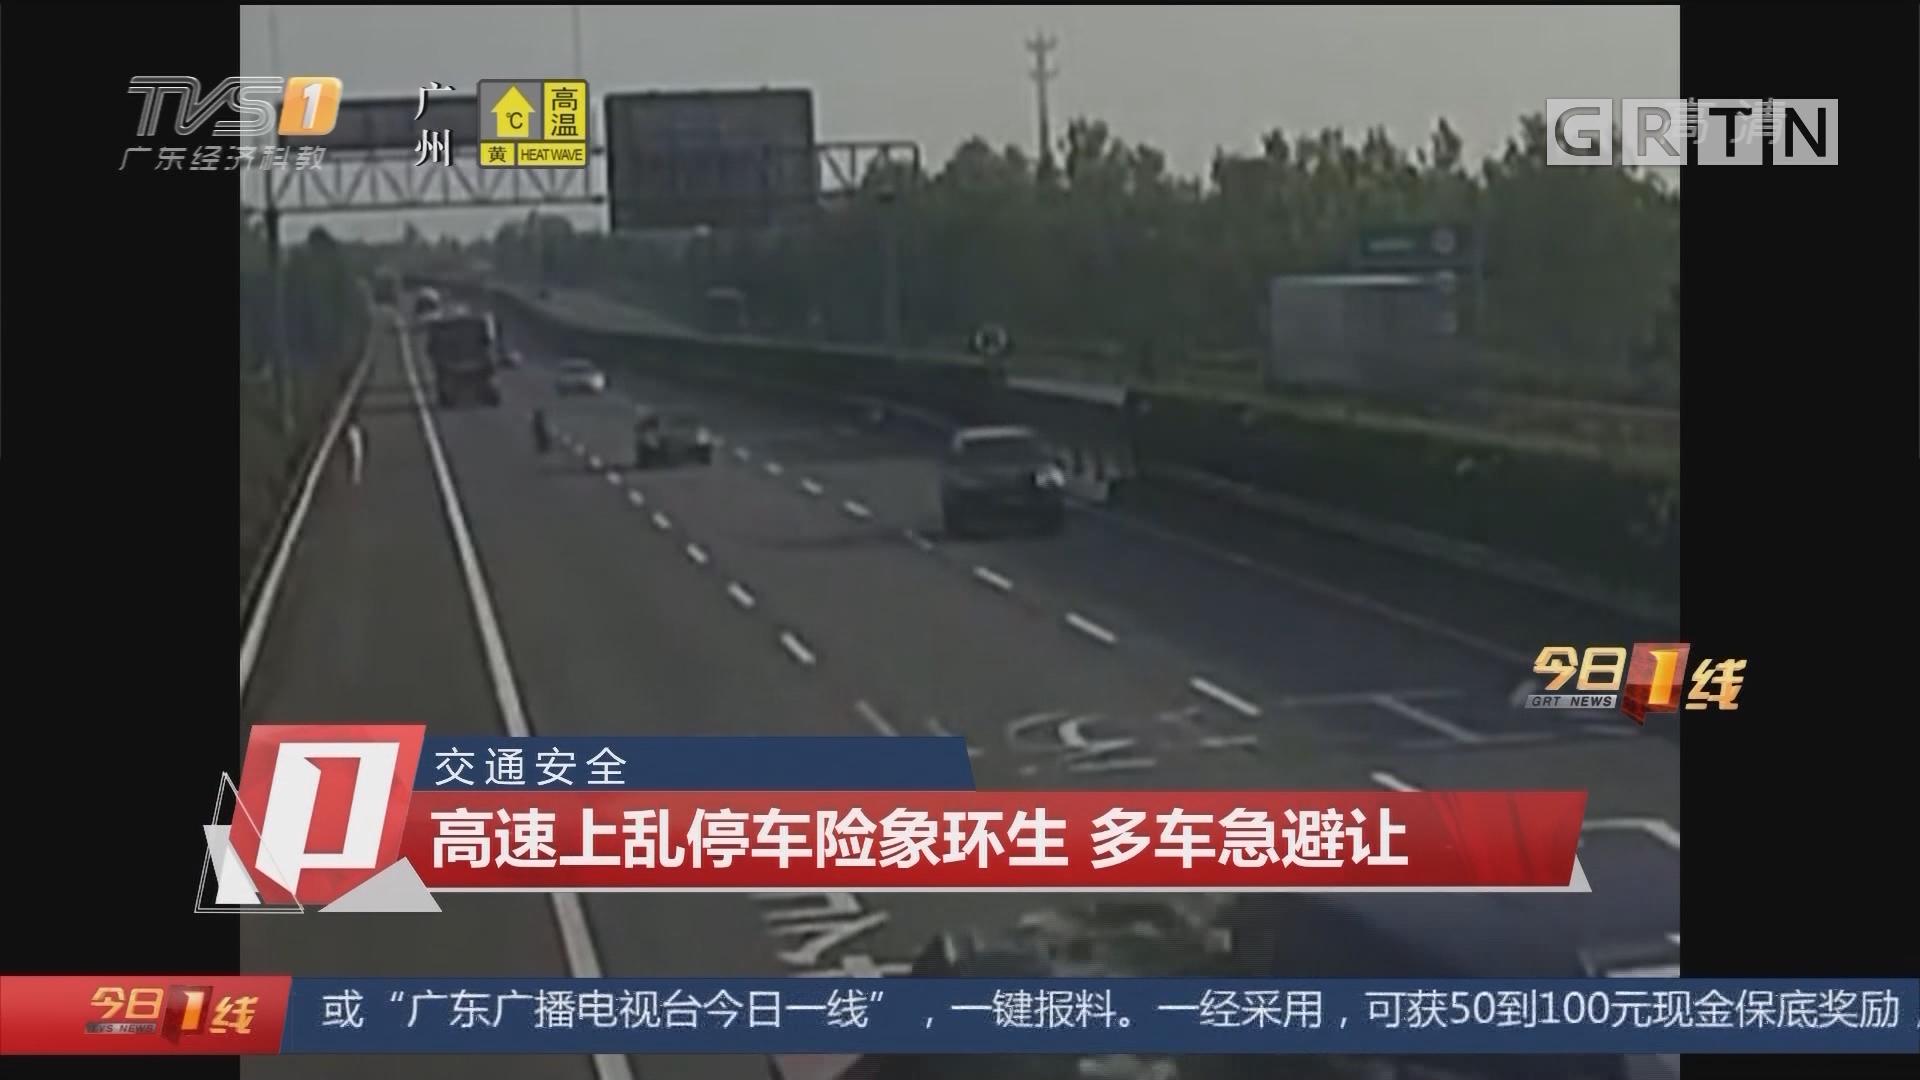 交通安全:高速上乱停车险象环生 多车急避让